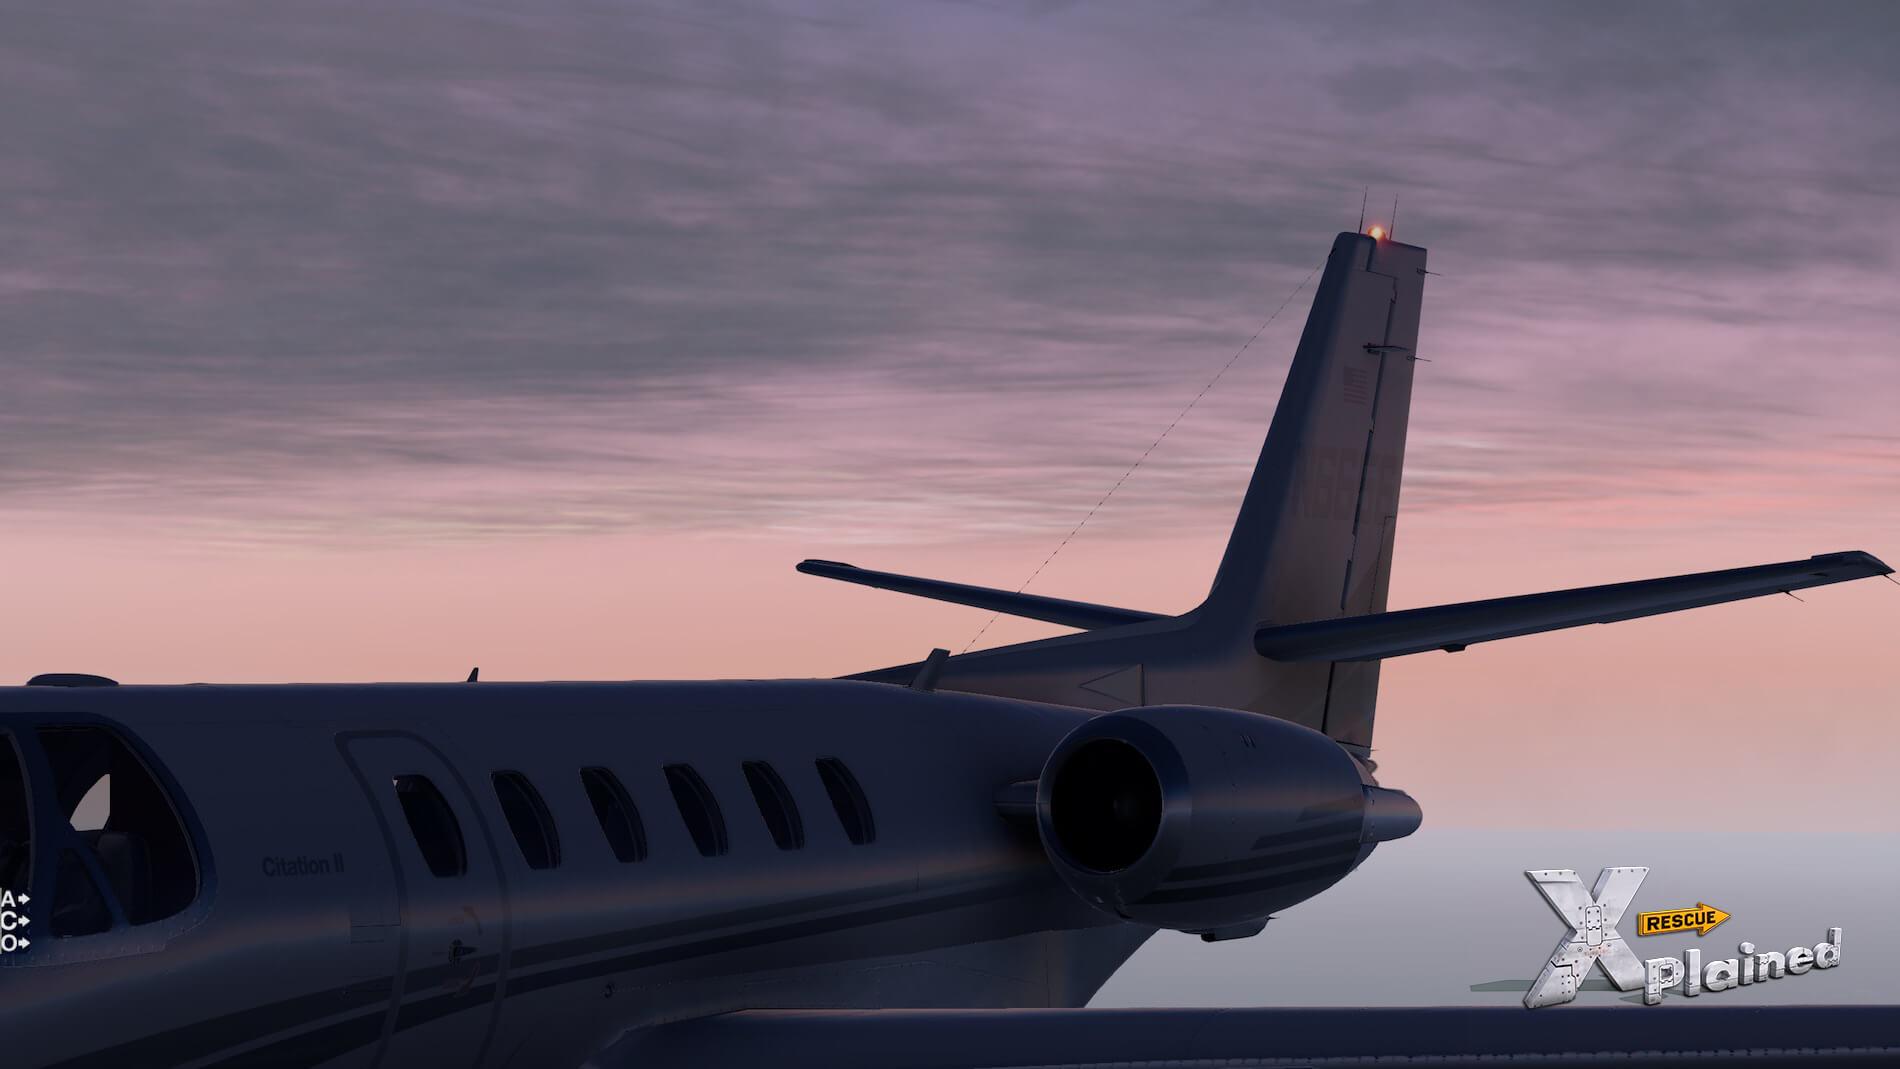 S550_Citation_II_43